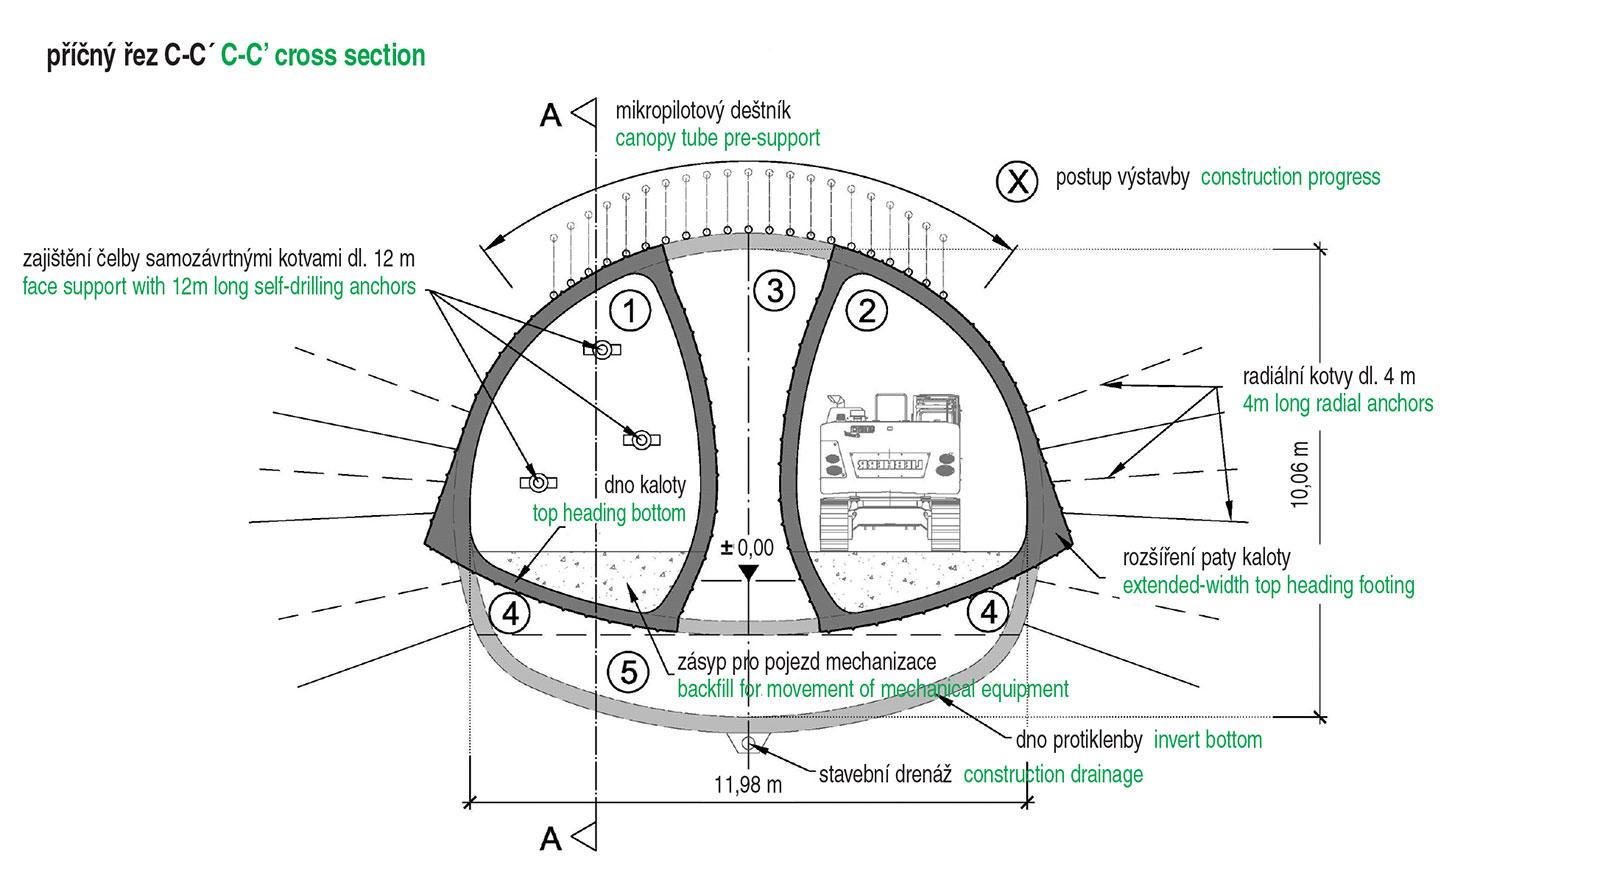 Obr. 5 Příčný řez – výřez z projektové dokumentace (zdroj: BeMo Tunneling)